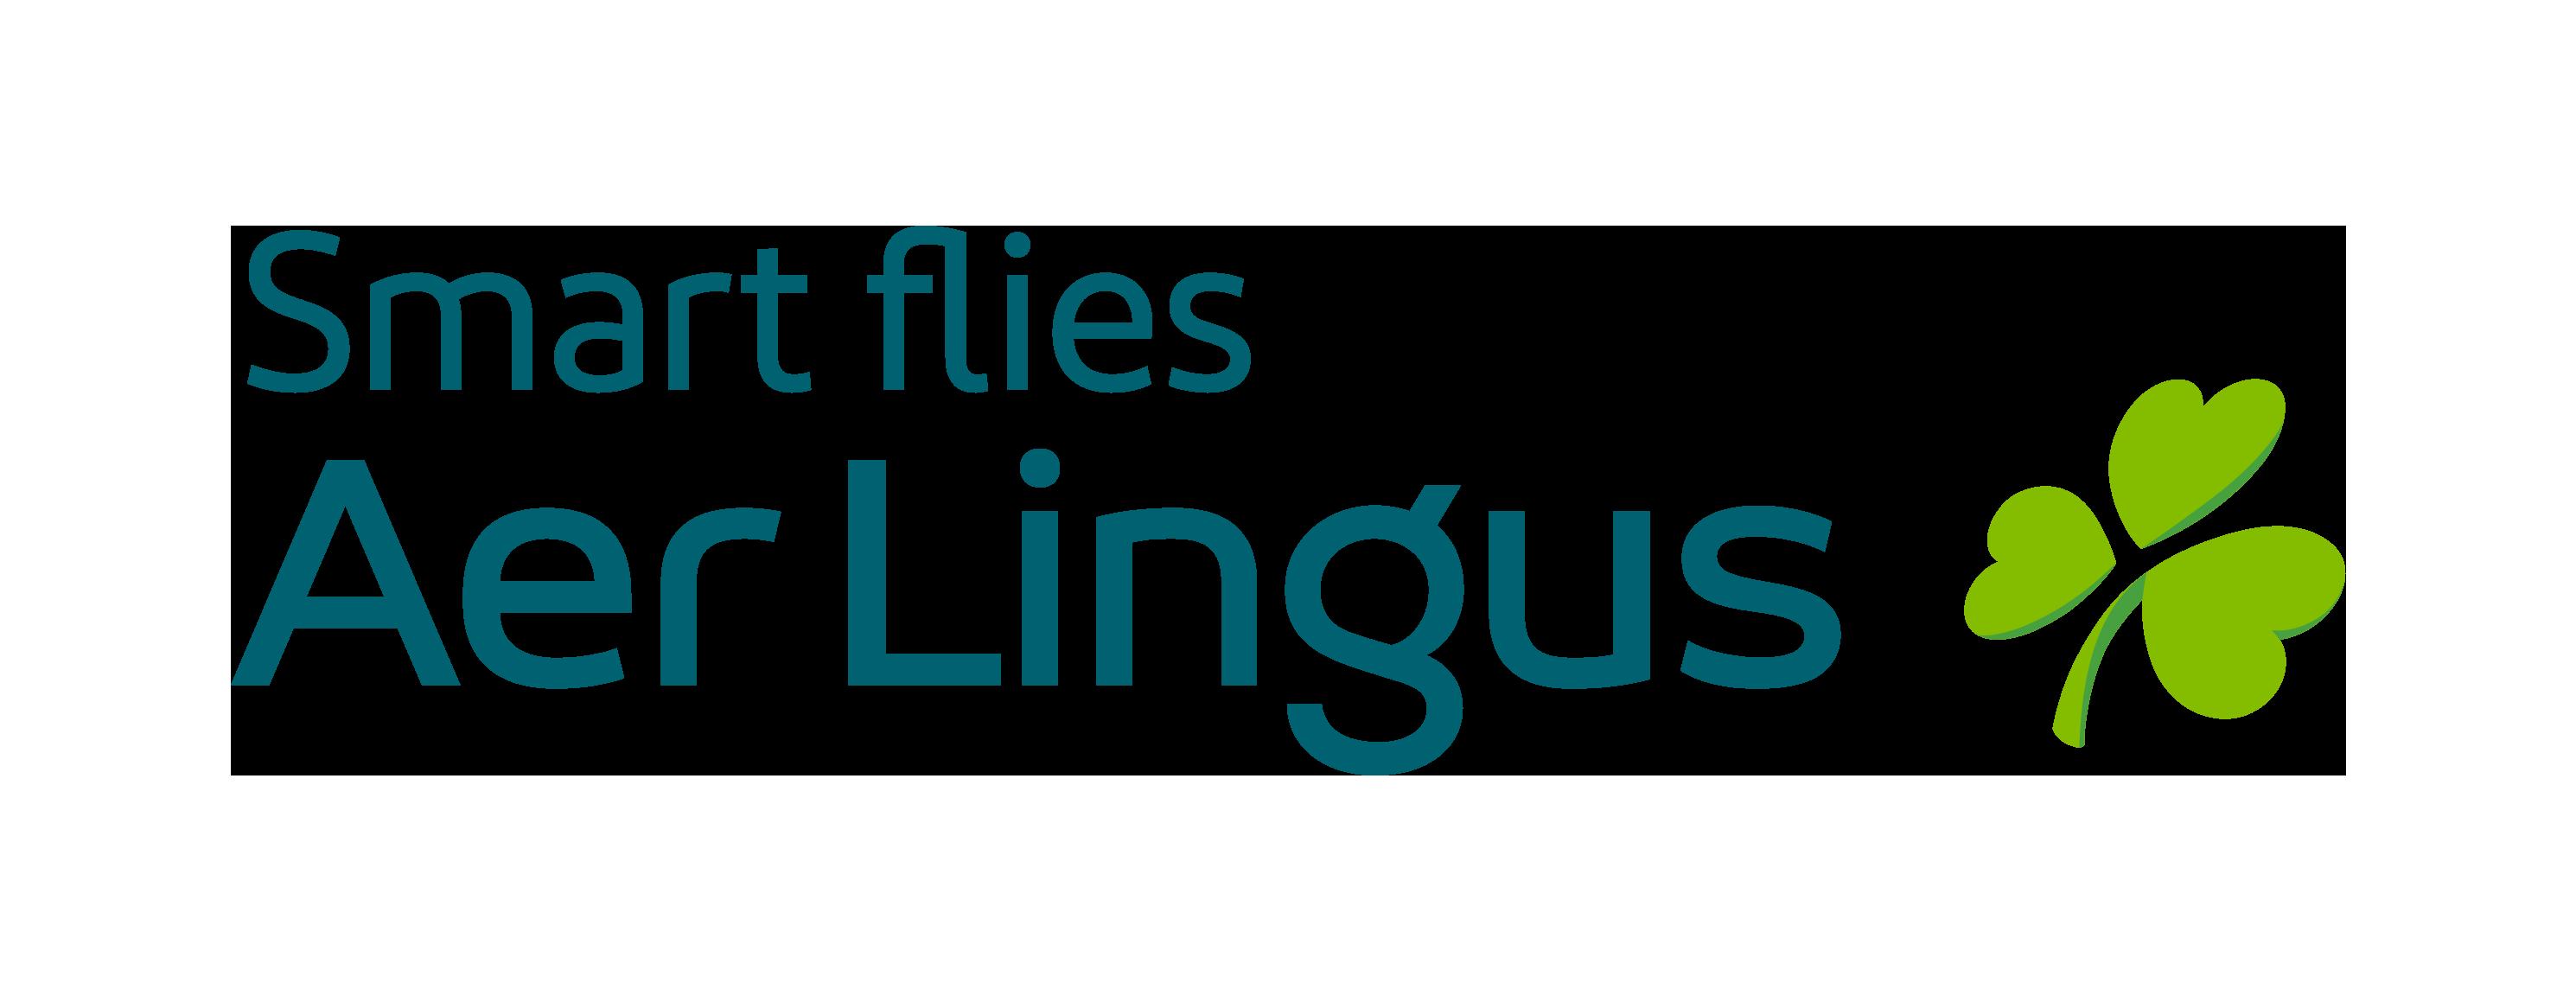 Smart flies Aer Lingus